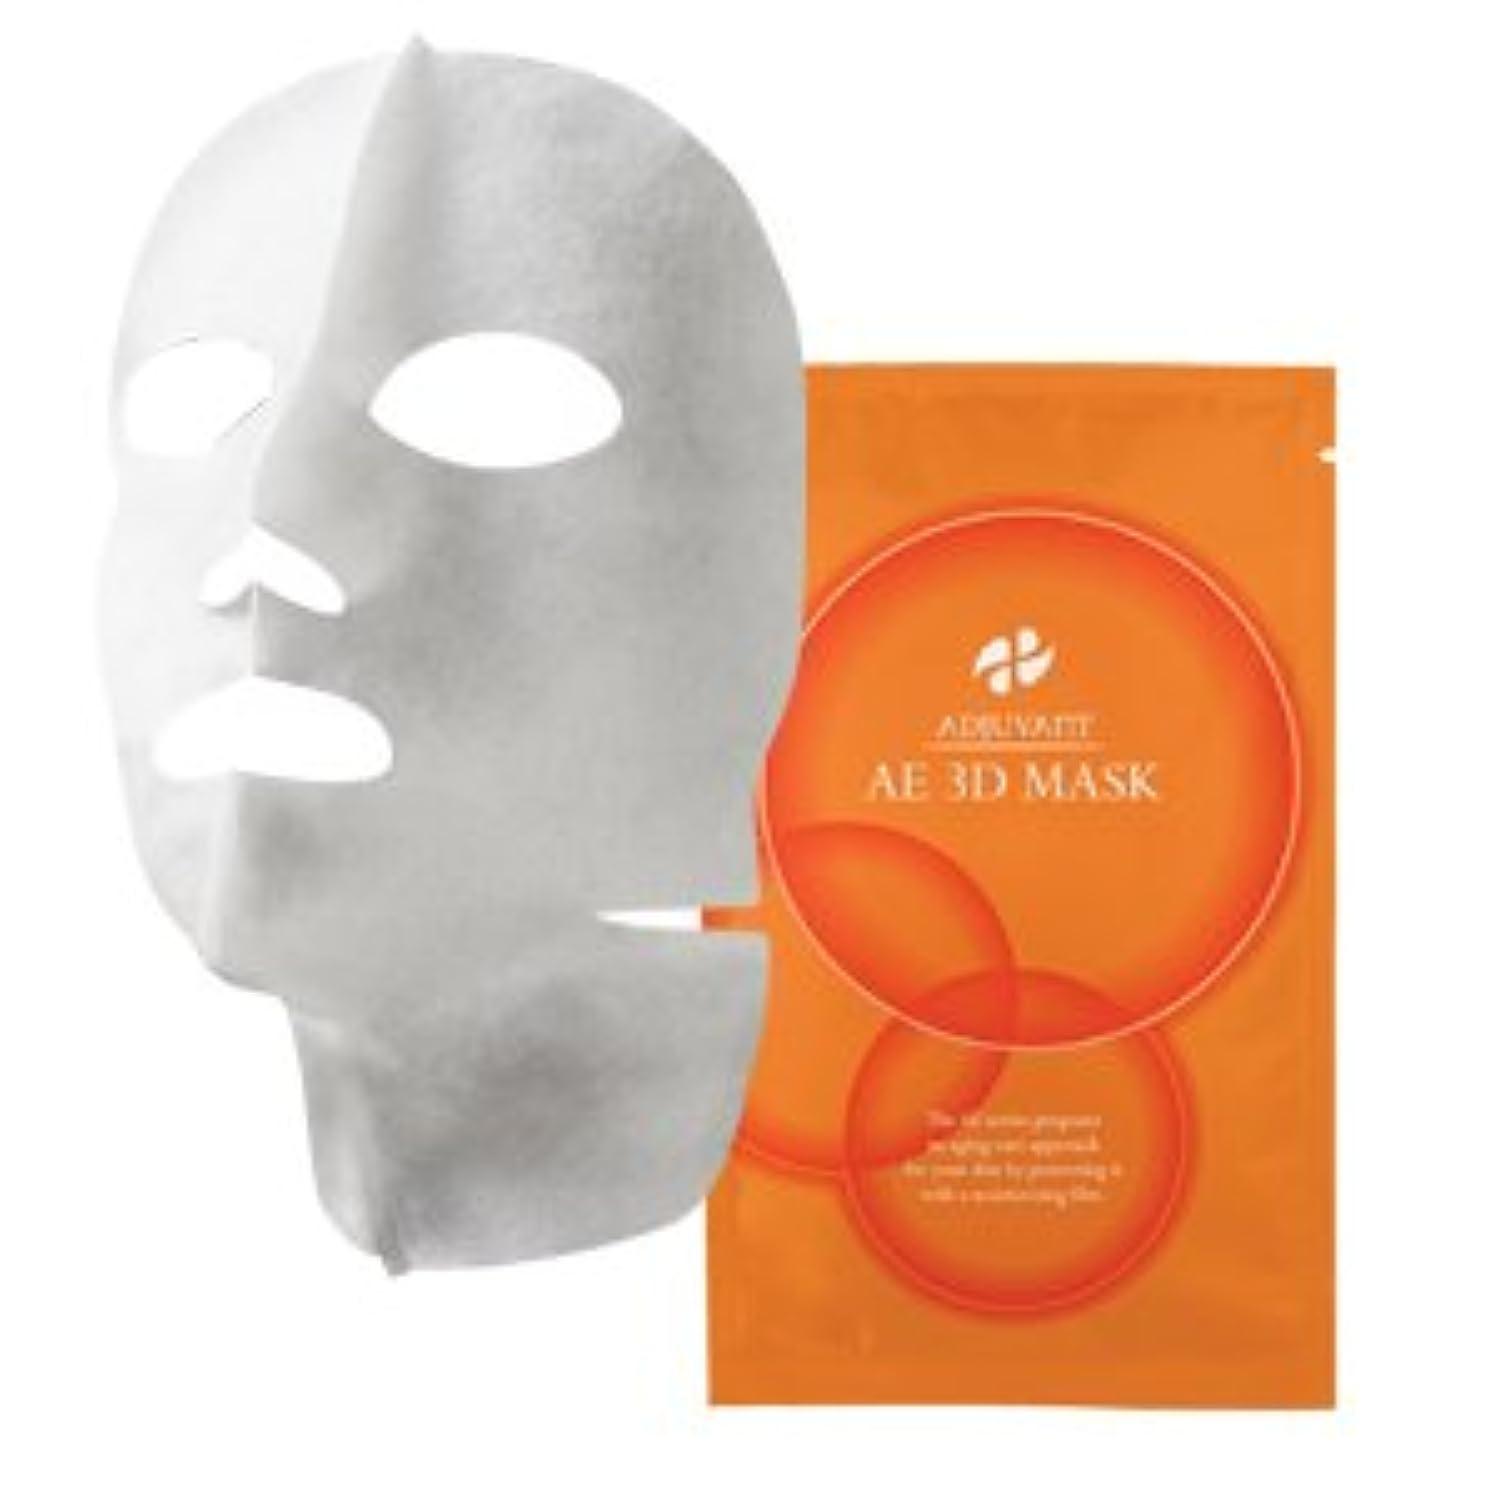 代名詞有用影のあるアジュバン AE 3Dマスク 35ml×6枚入り<マスク>